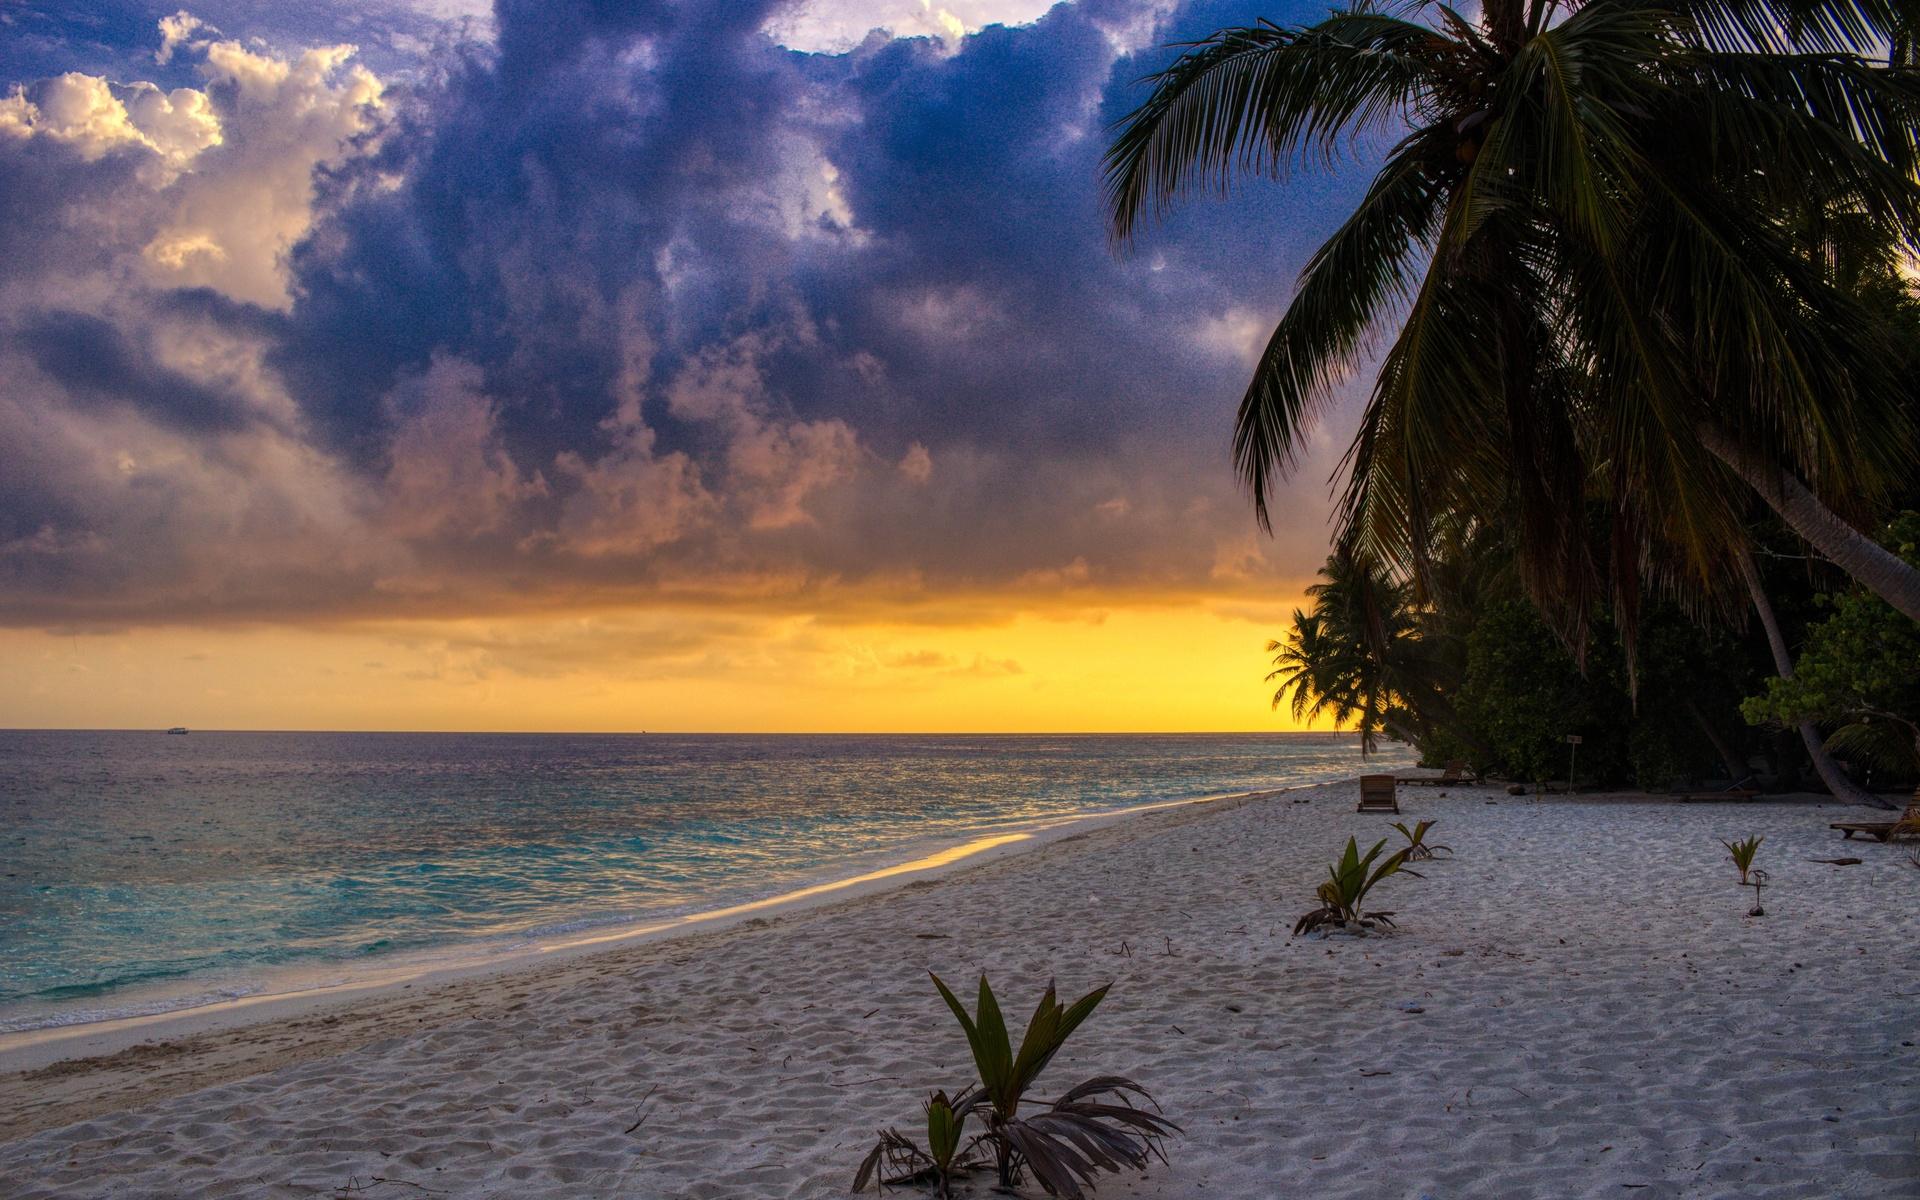 океан, пляж, пальмы, закат